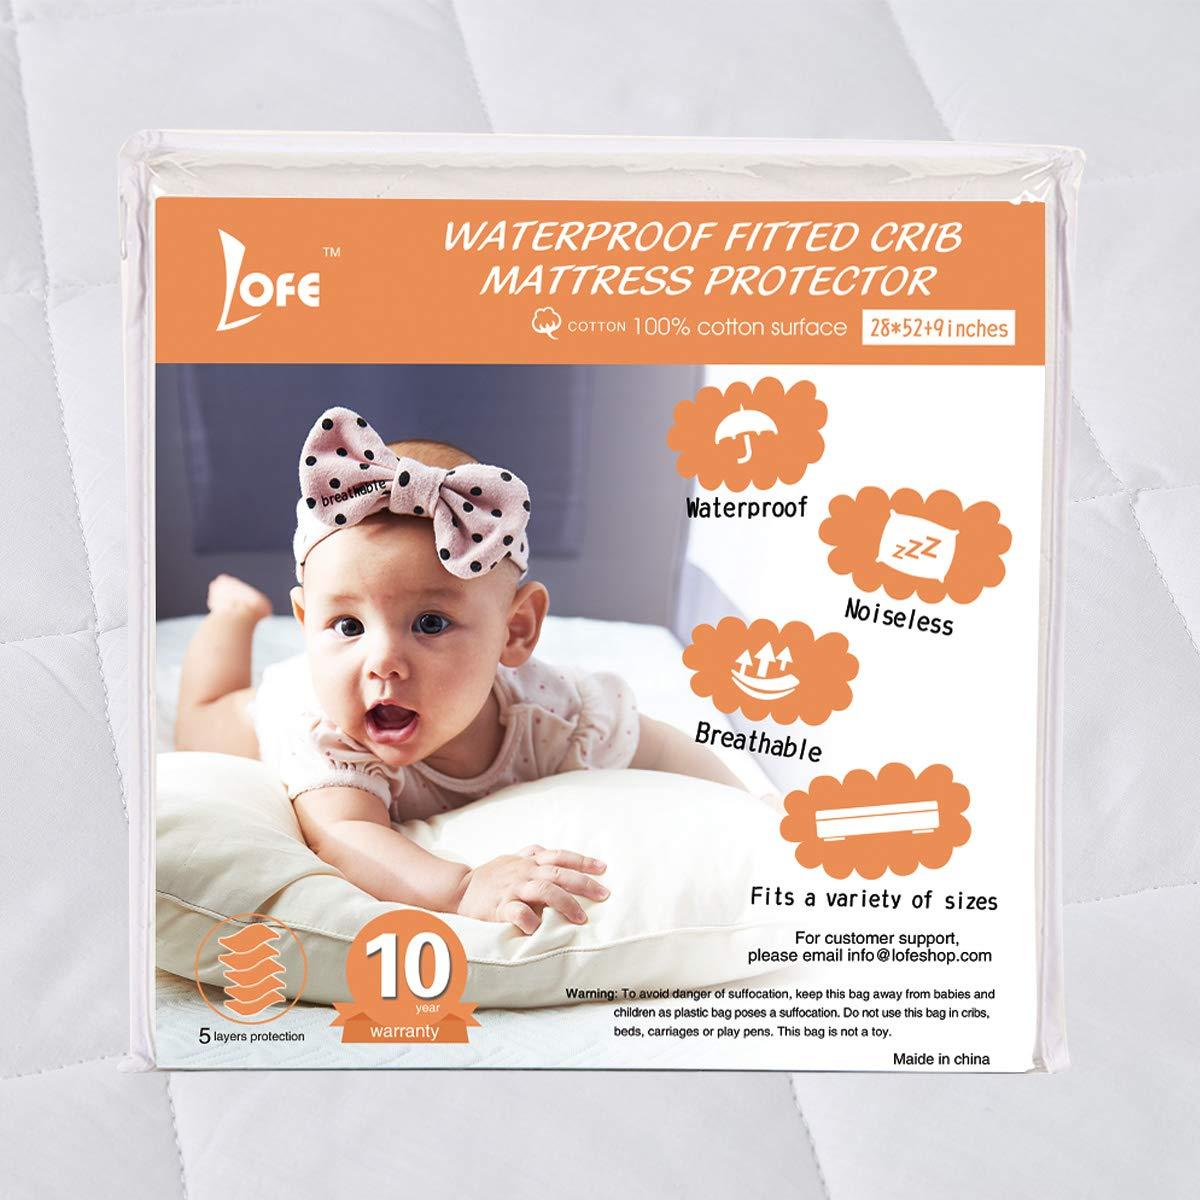 Lofe Cotton Fittedベビーベッドマットレスプロテクター防水 – 幼児通気性ベビーベッドマットレスパッド – 幼児ベビーベッドマットレスカバー   B0794PJPHD